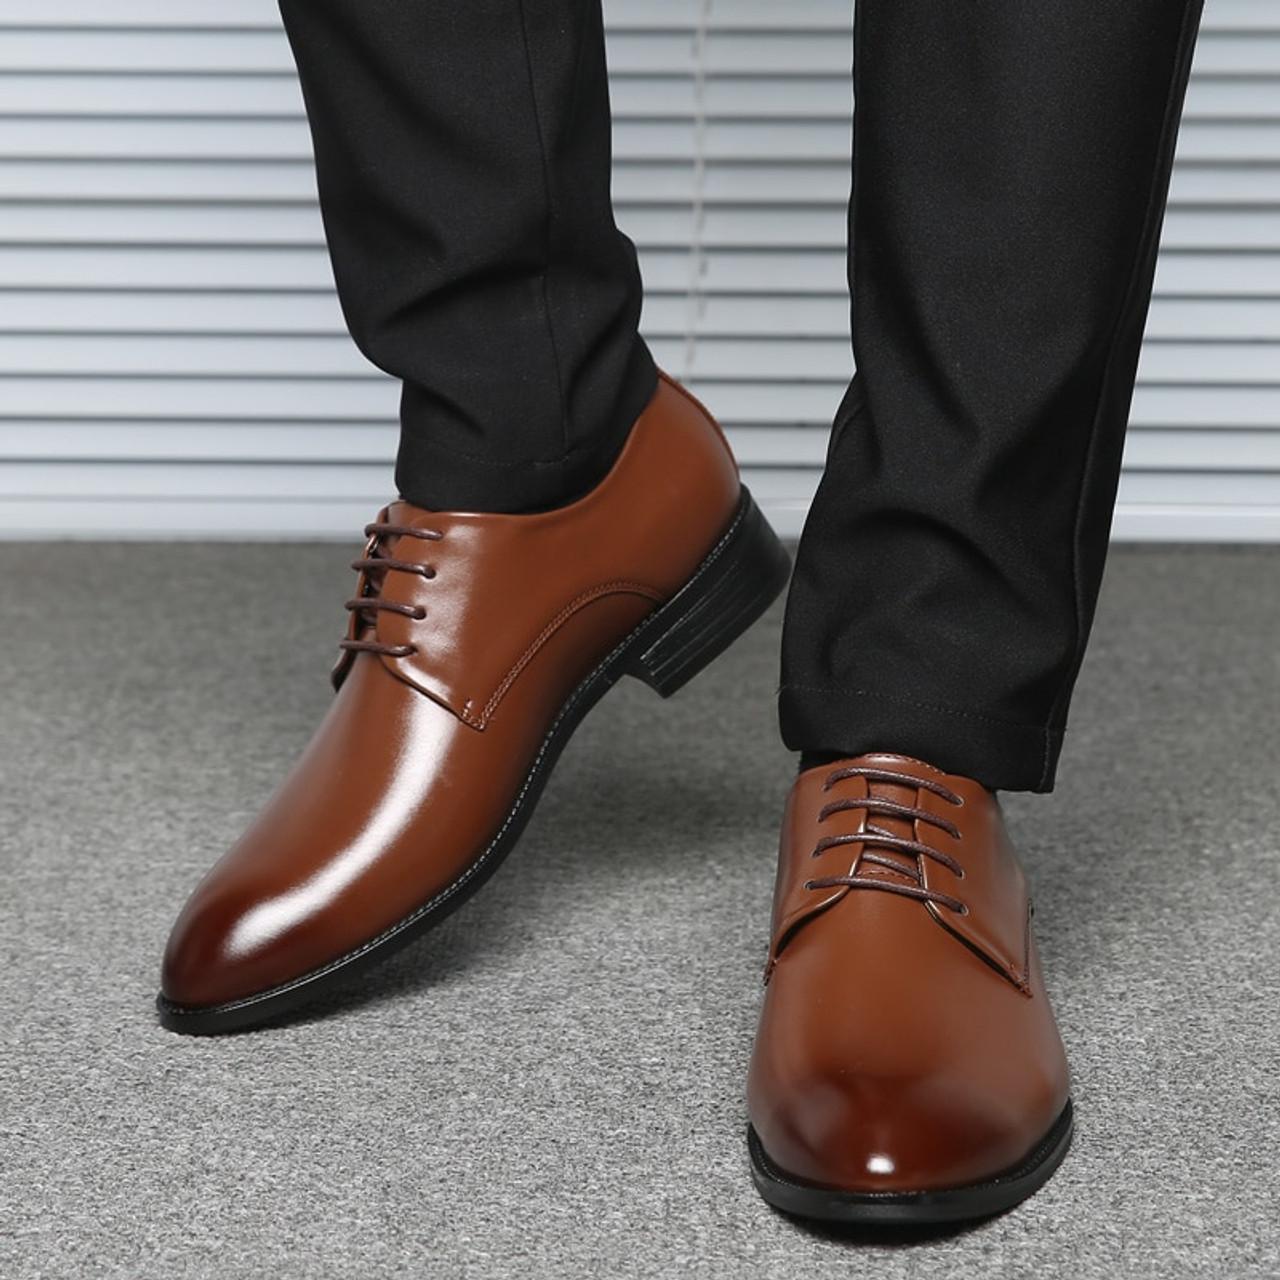 Dxkzmcm Men Dress Shoes Men Formal Shoes Leather Luxury Wedding Shoes Men Oxford Shoes Big Size Onshopdeals Com